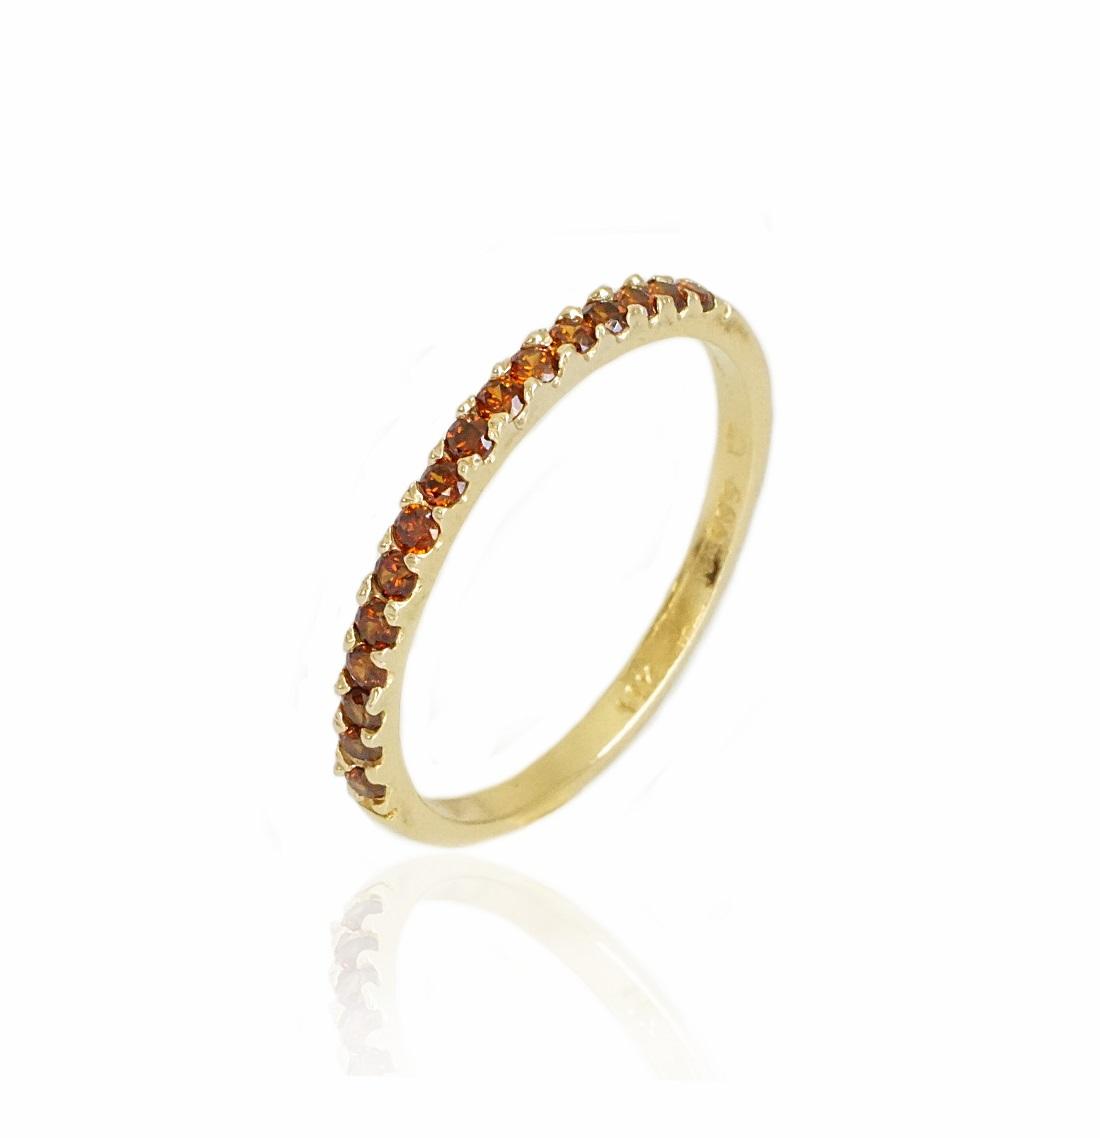 טבעת איטרניטי  זרקונים בצבע חום בזהב 14 קרט טבעת זהב משלימה